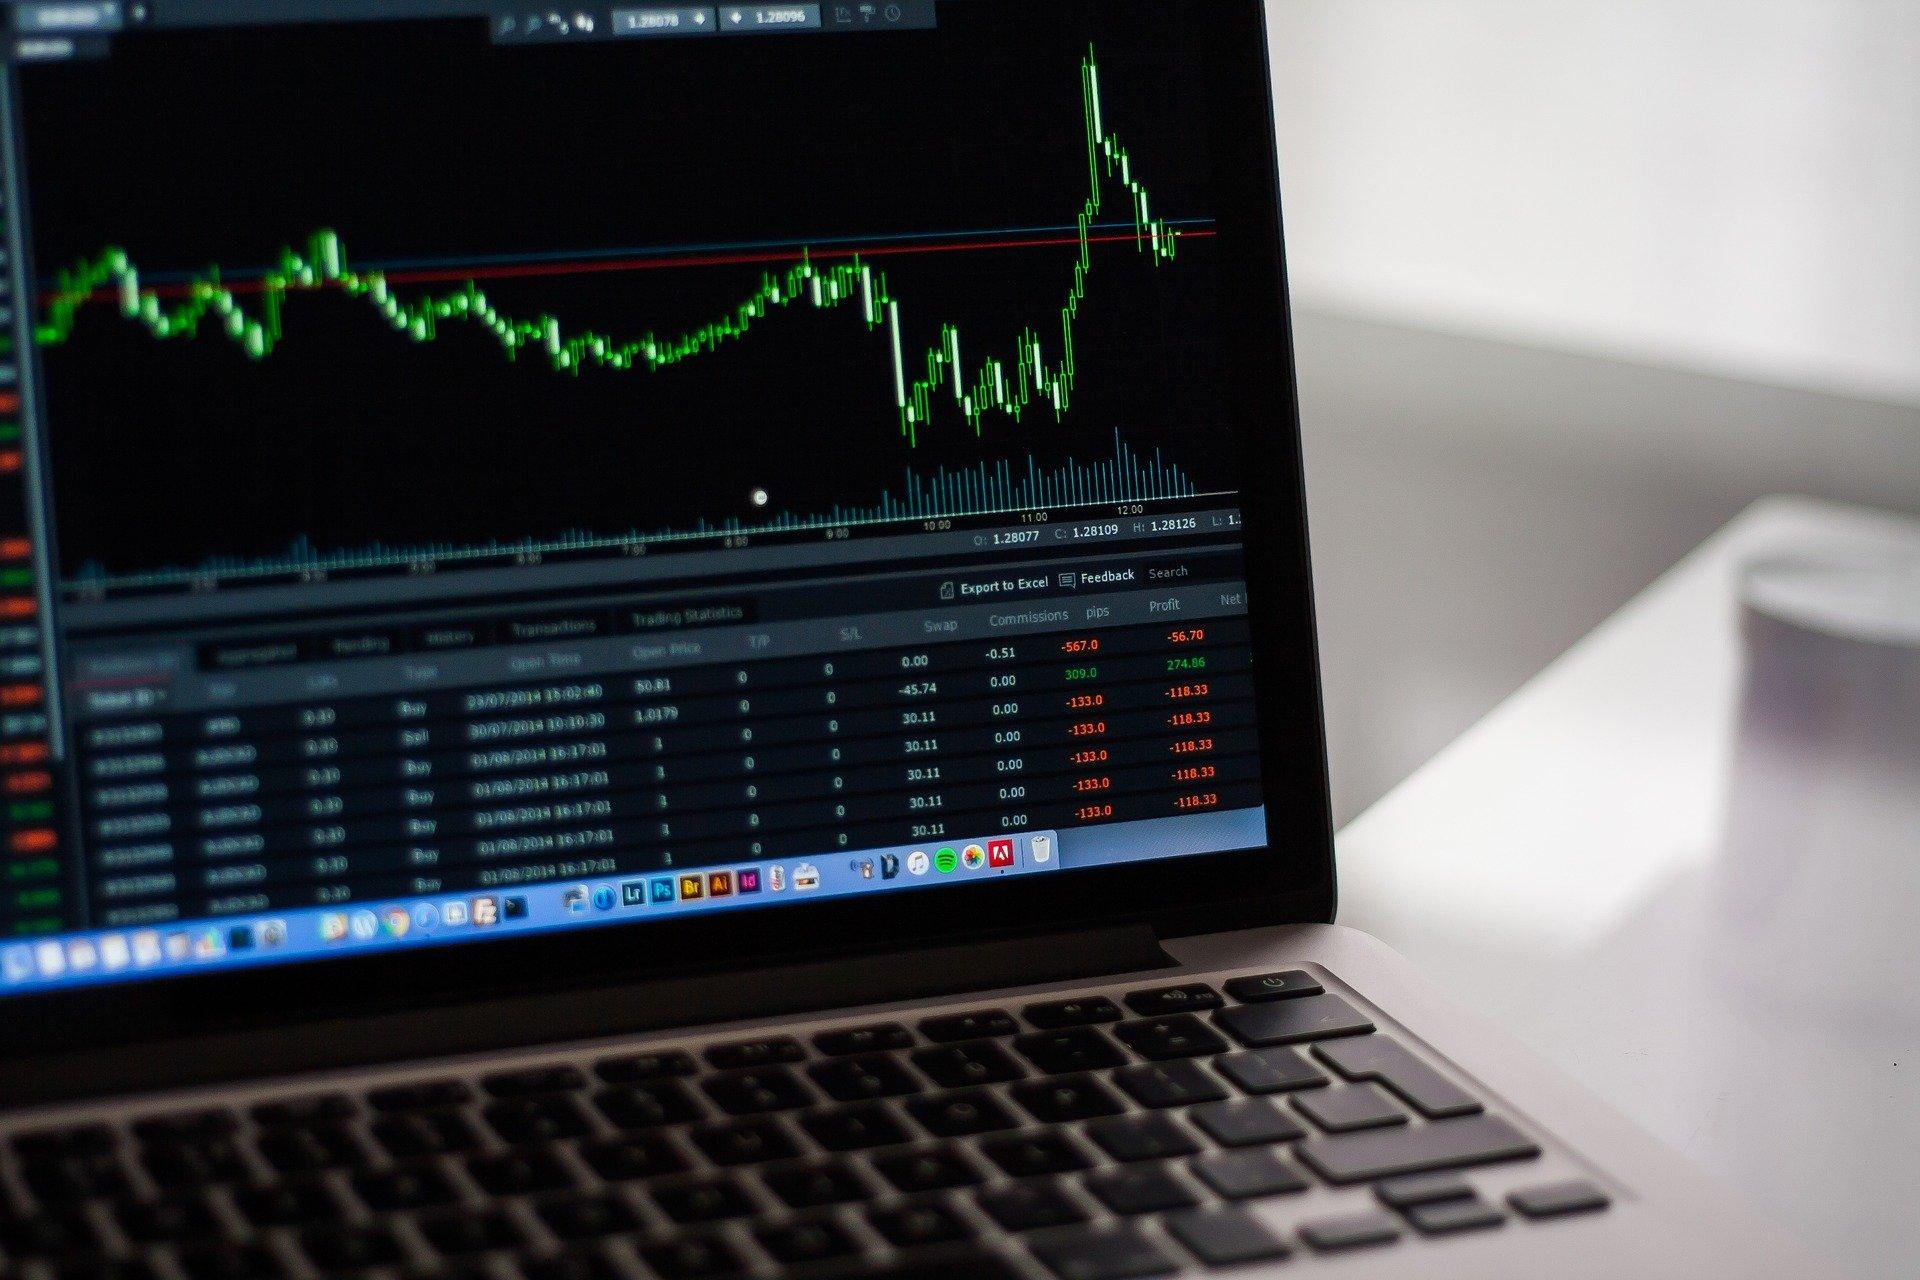 Tredexo trading platform